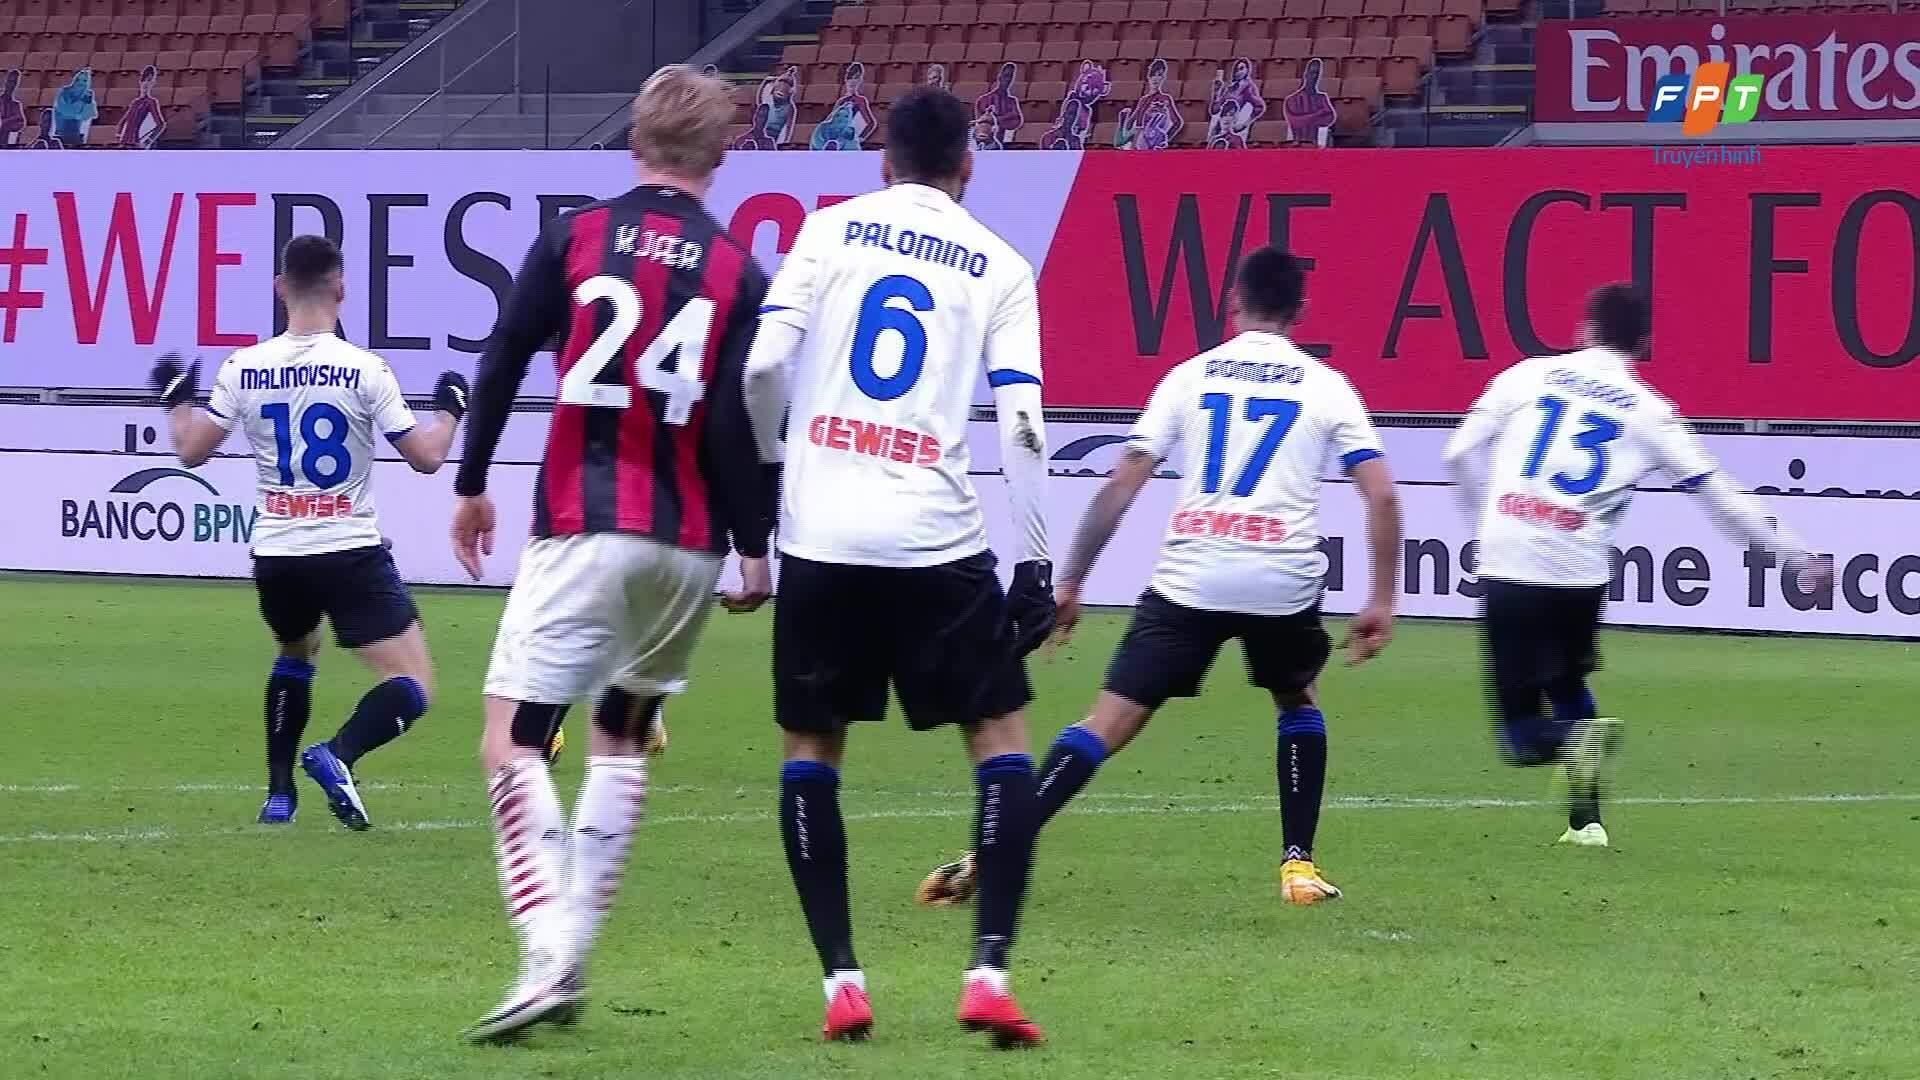 Milan 0-3 Atalanta